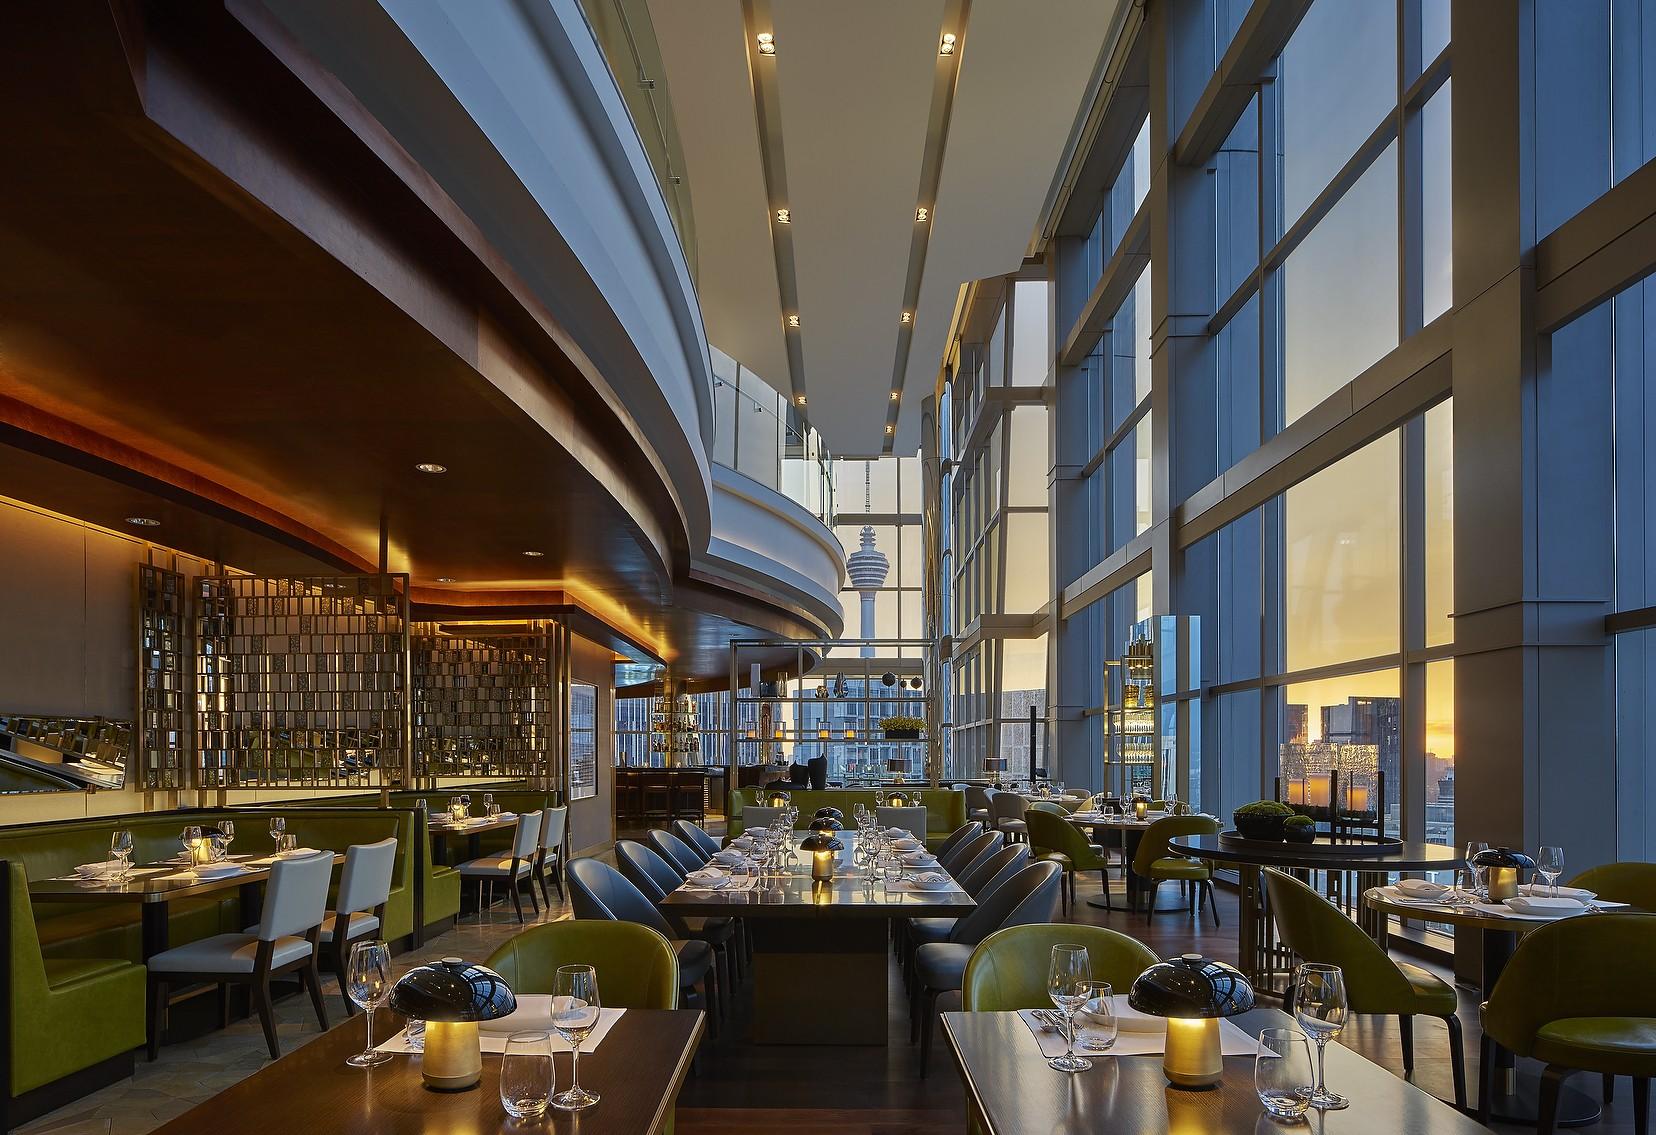 Luxury Kuala Lumpur Hotel, 5 Star Hotel in Kuala Lumpur - Banyan Tree | 1135x1656